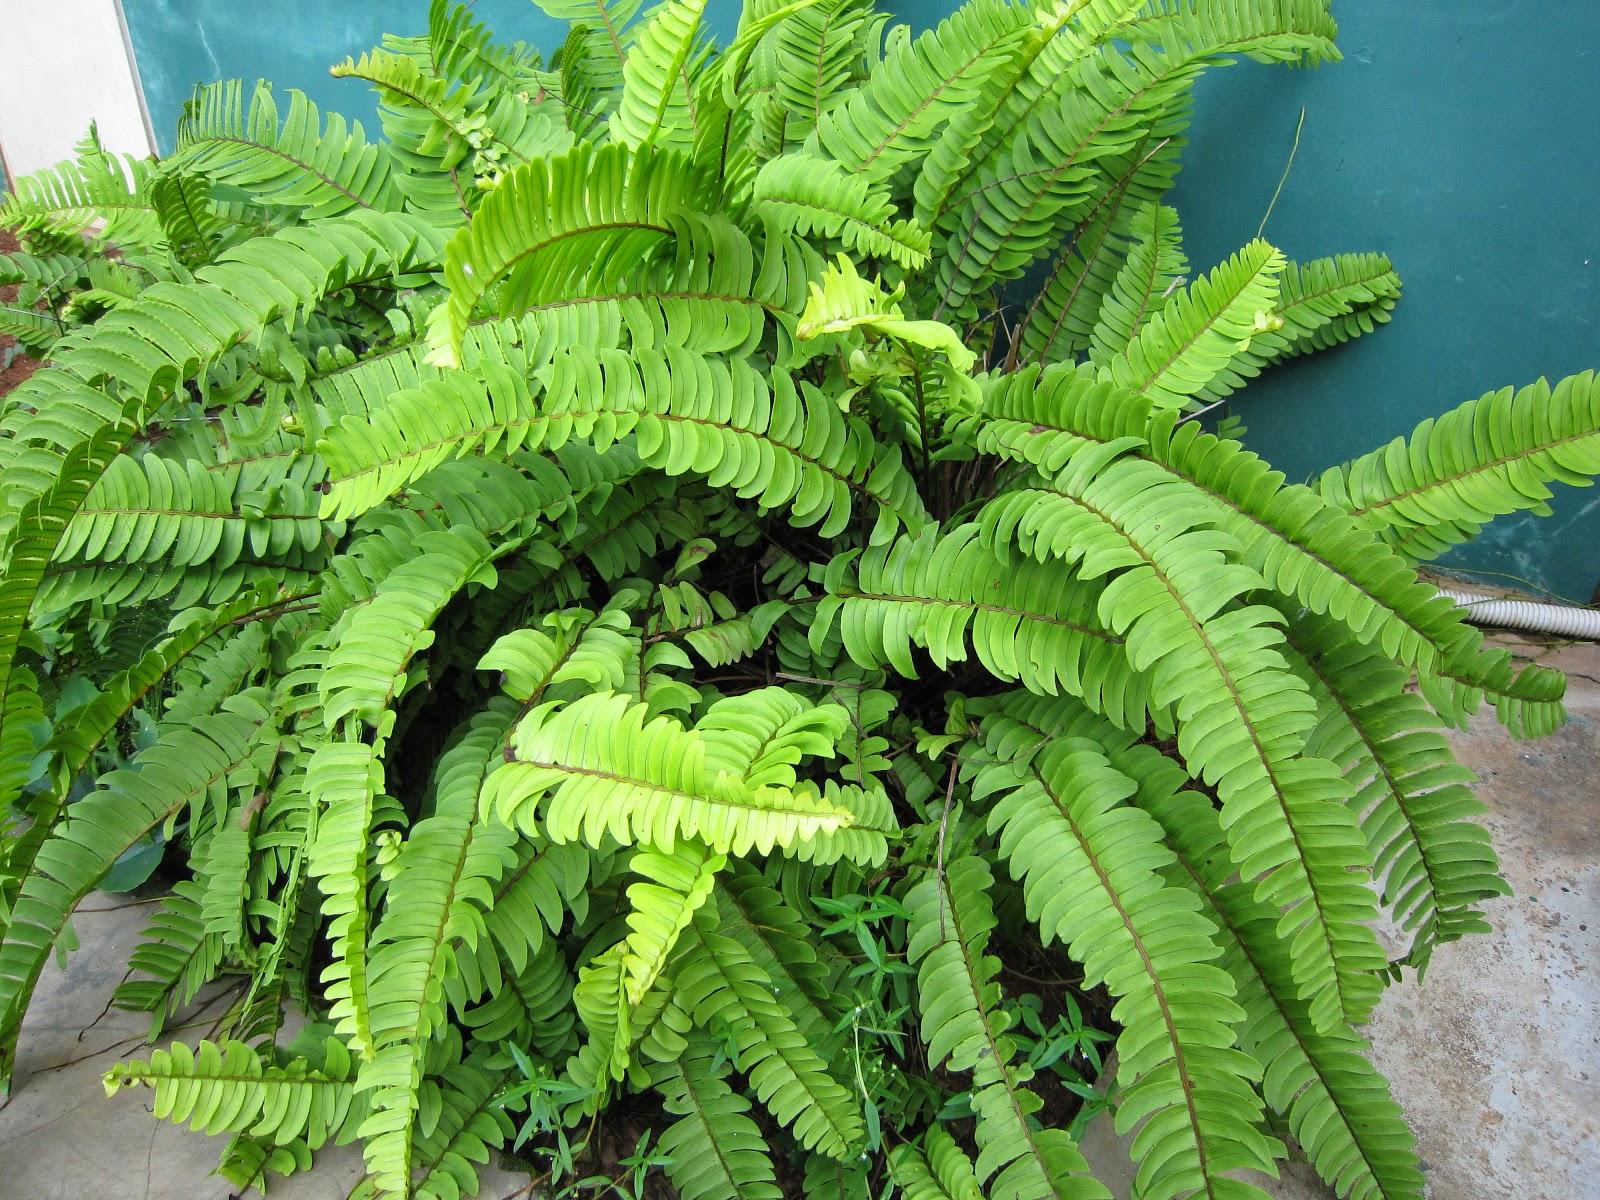 Jual tanaman paku untuk hiasan taman | kadaka | tanduk rusa | suplir | sirih kelabang | aneka tanaman | suplier tanaman